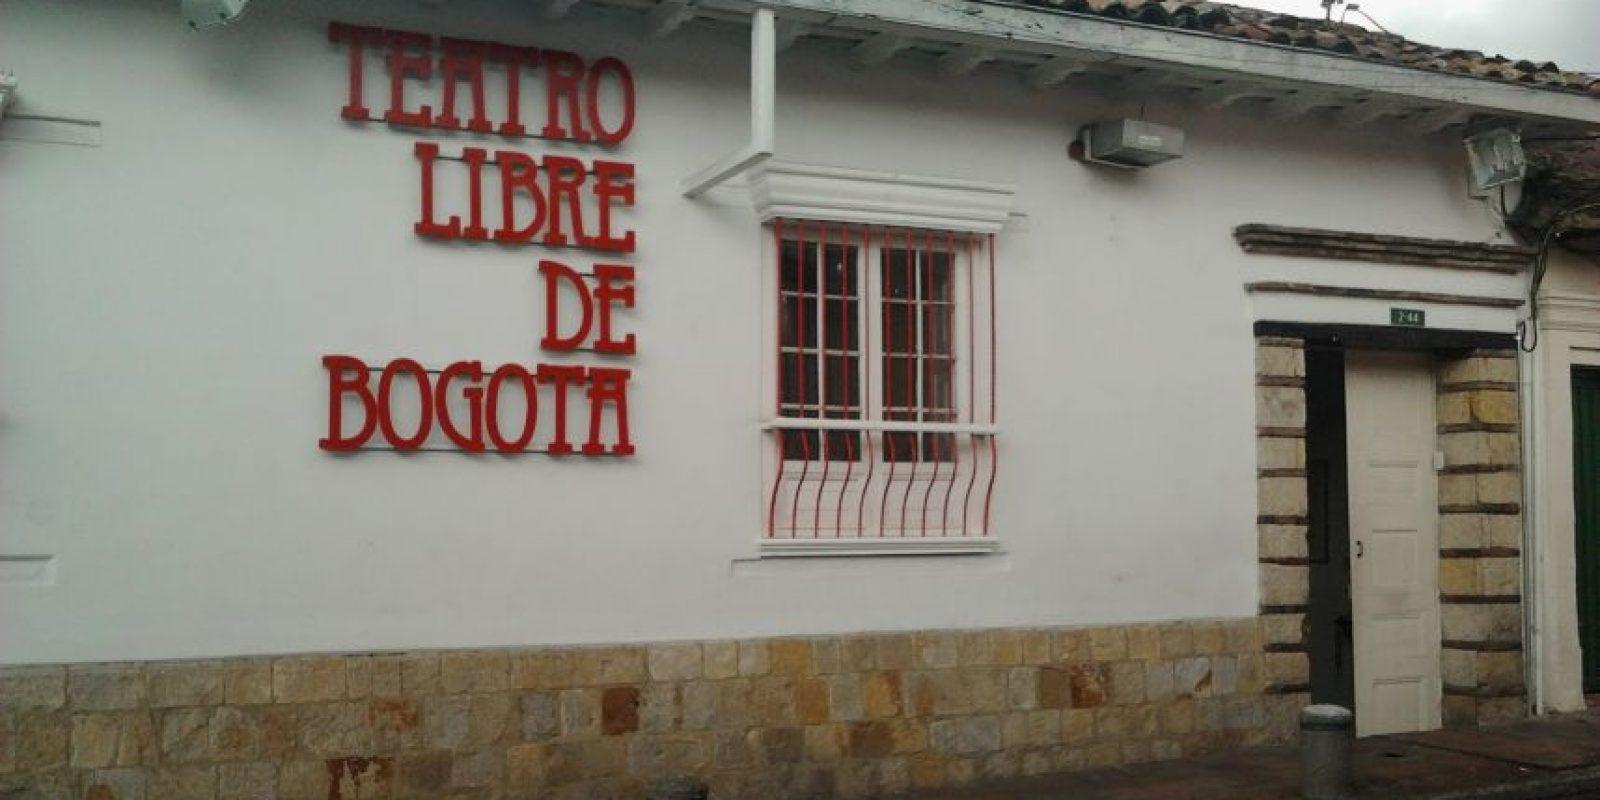 Fachada de la sala del Teatro Libre de la Candelaria Foto:Tomada de civico.com